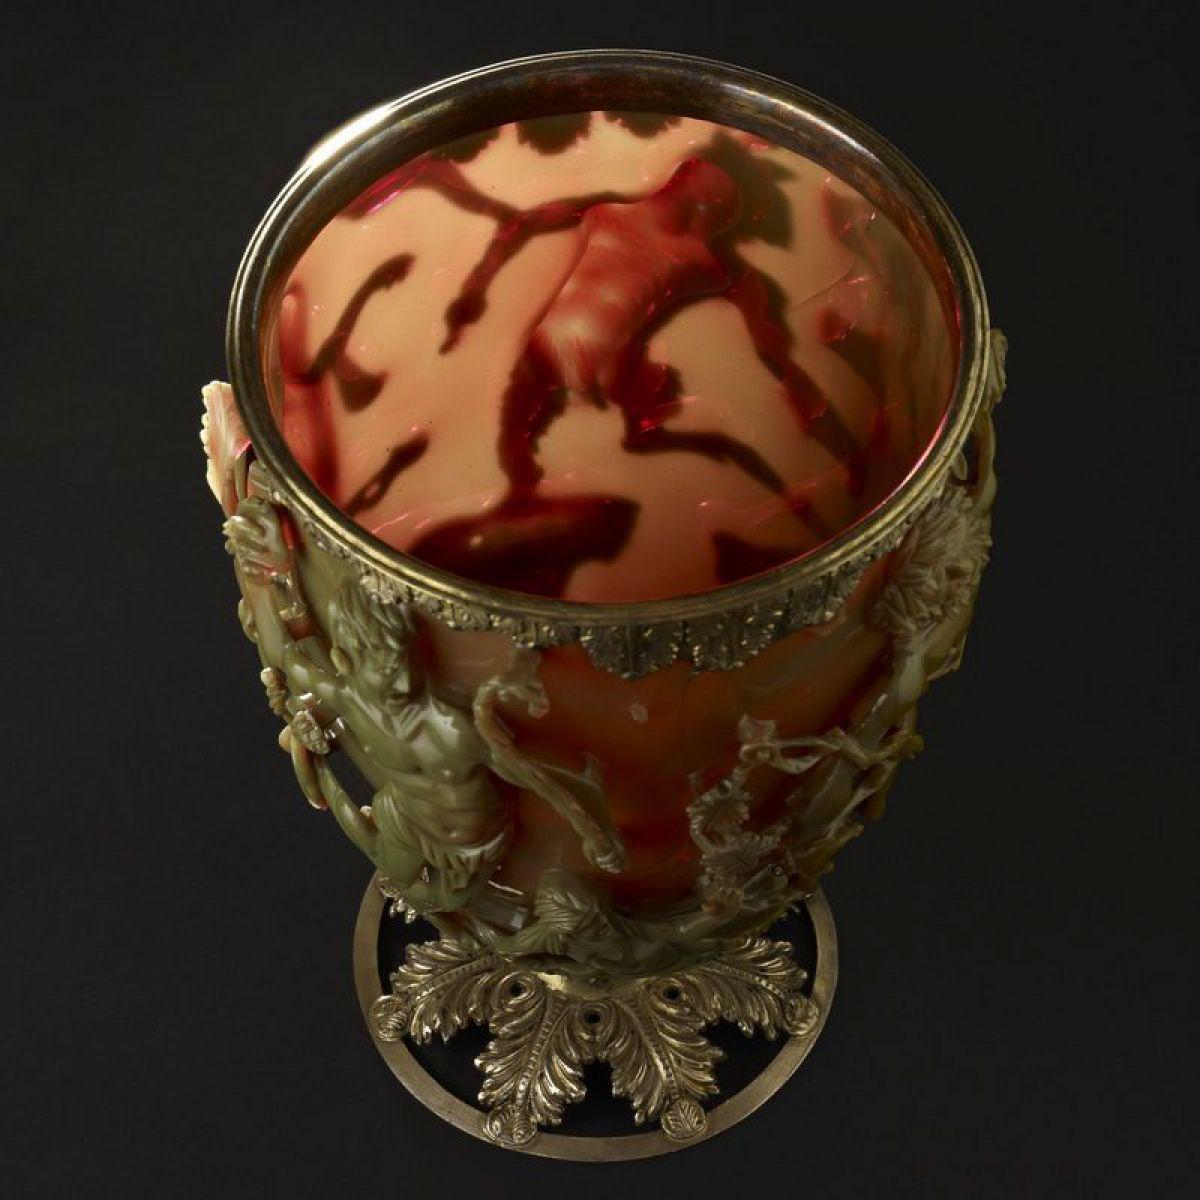 Древнейшие нанотехнологии: кубок «Ликурга»